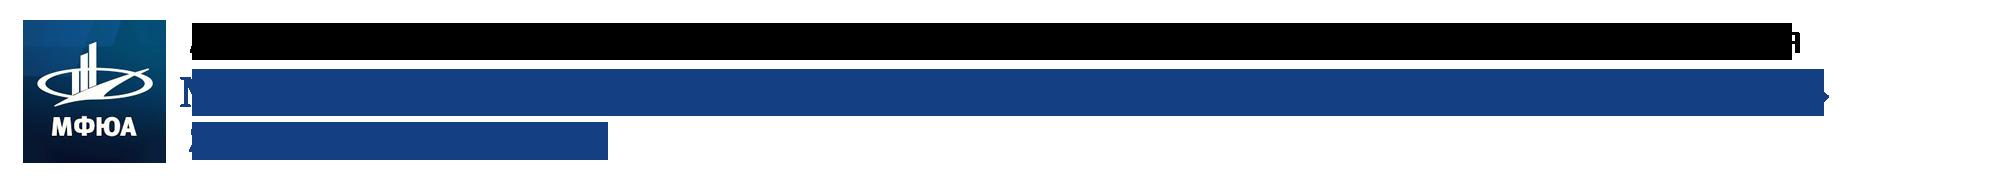 Ярославский филиал Аккредитованного образовательного частного учреждения высшего образования Московский финансово-юридический университет МФЮА